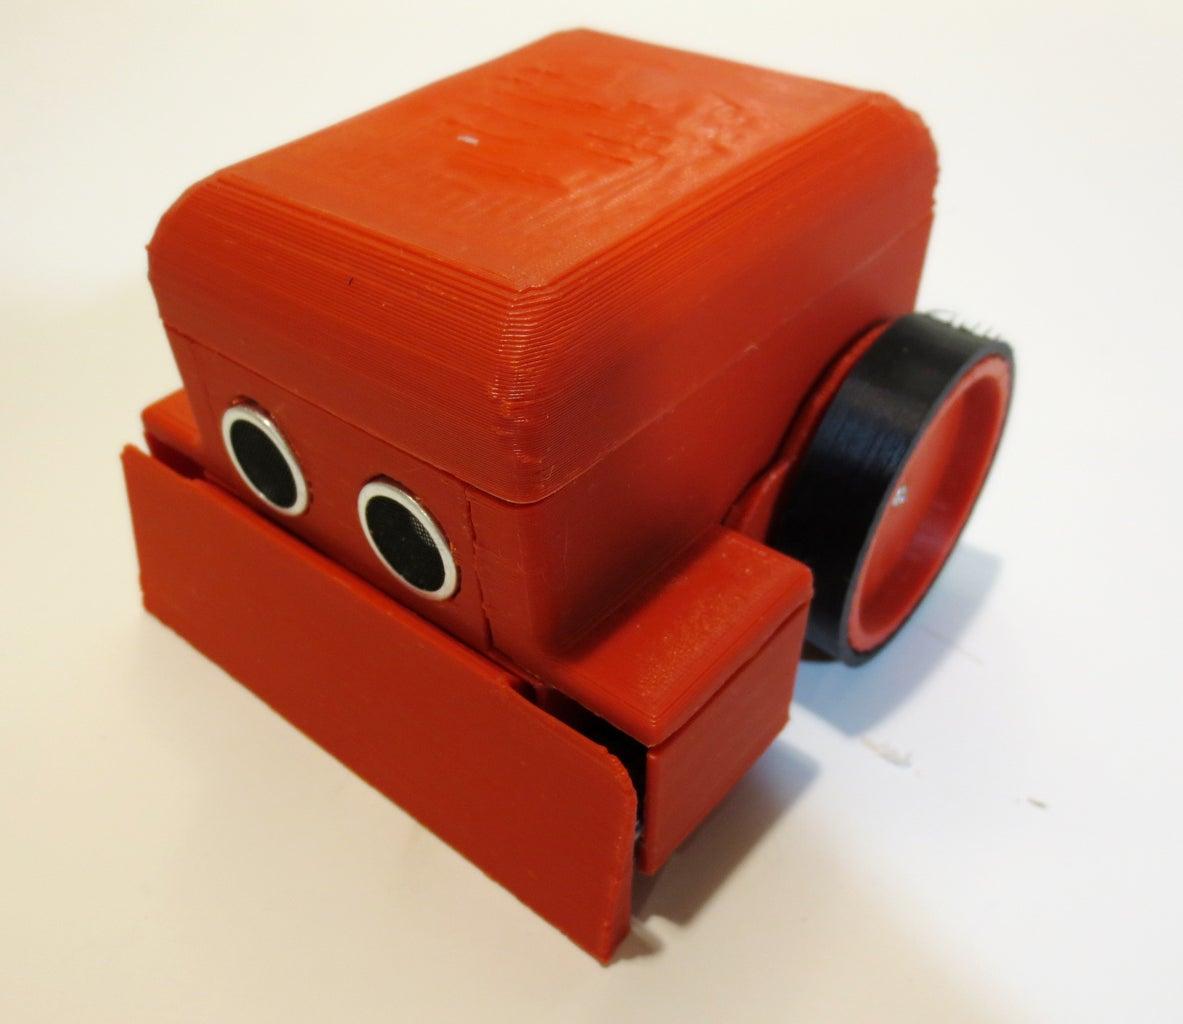 Install Buzzer, Ultrasonic, Battery & Close It Up